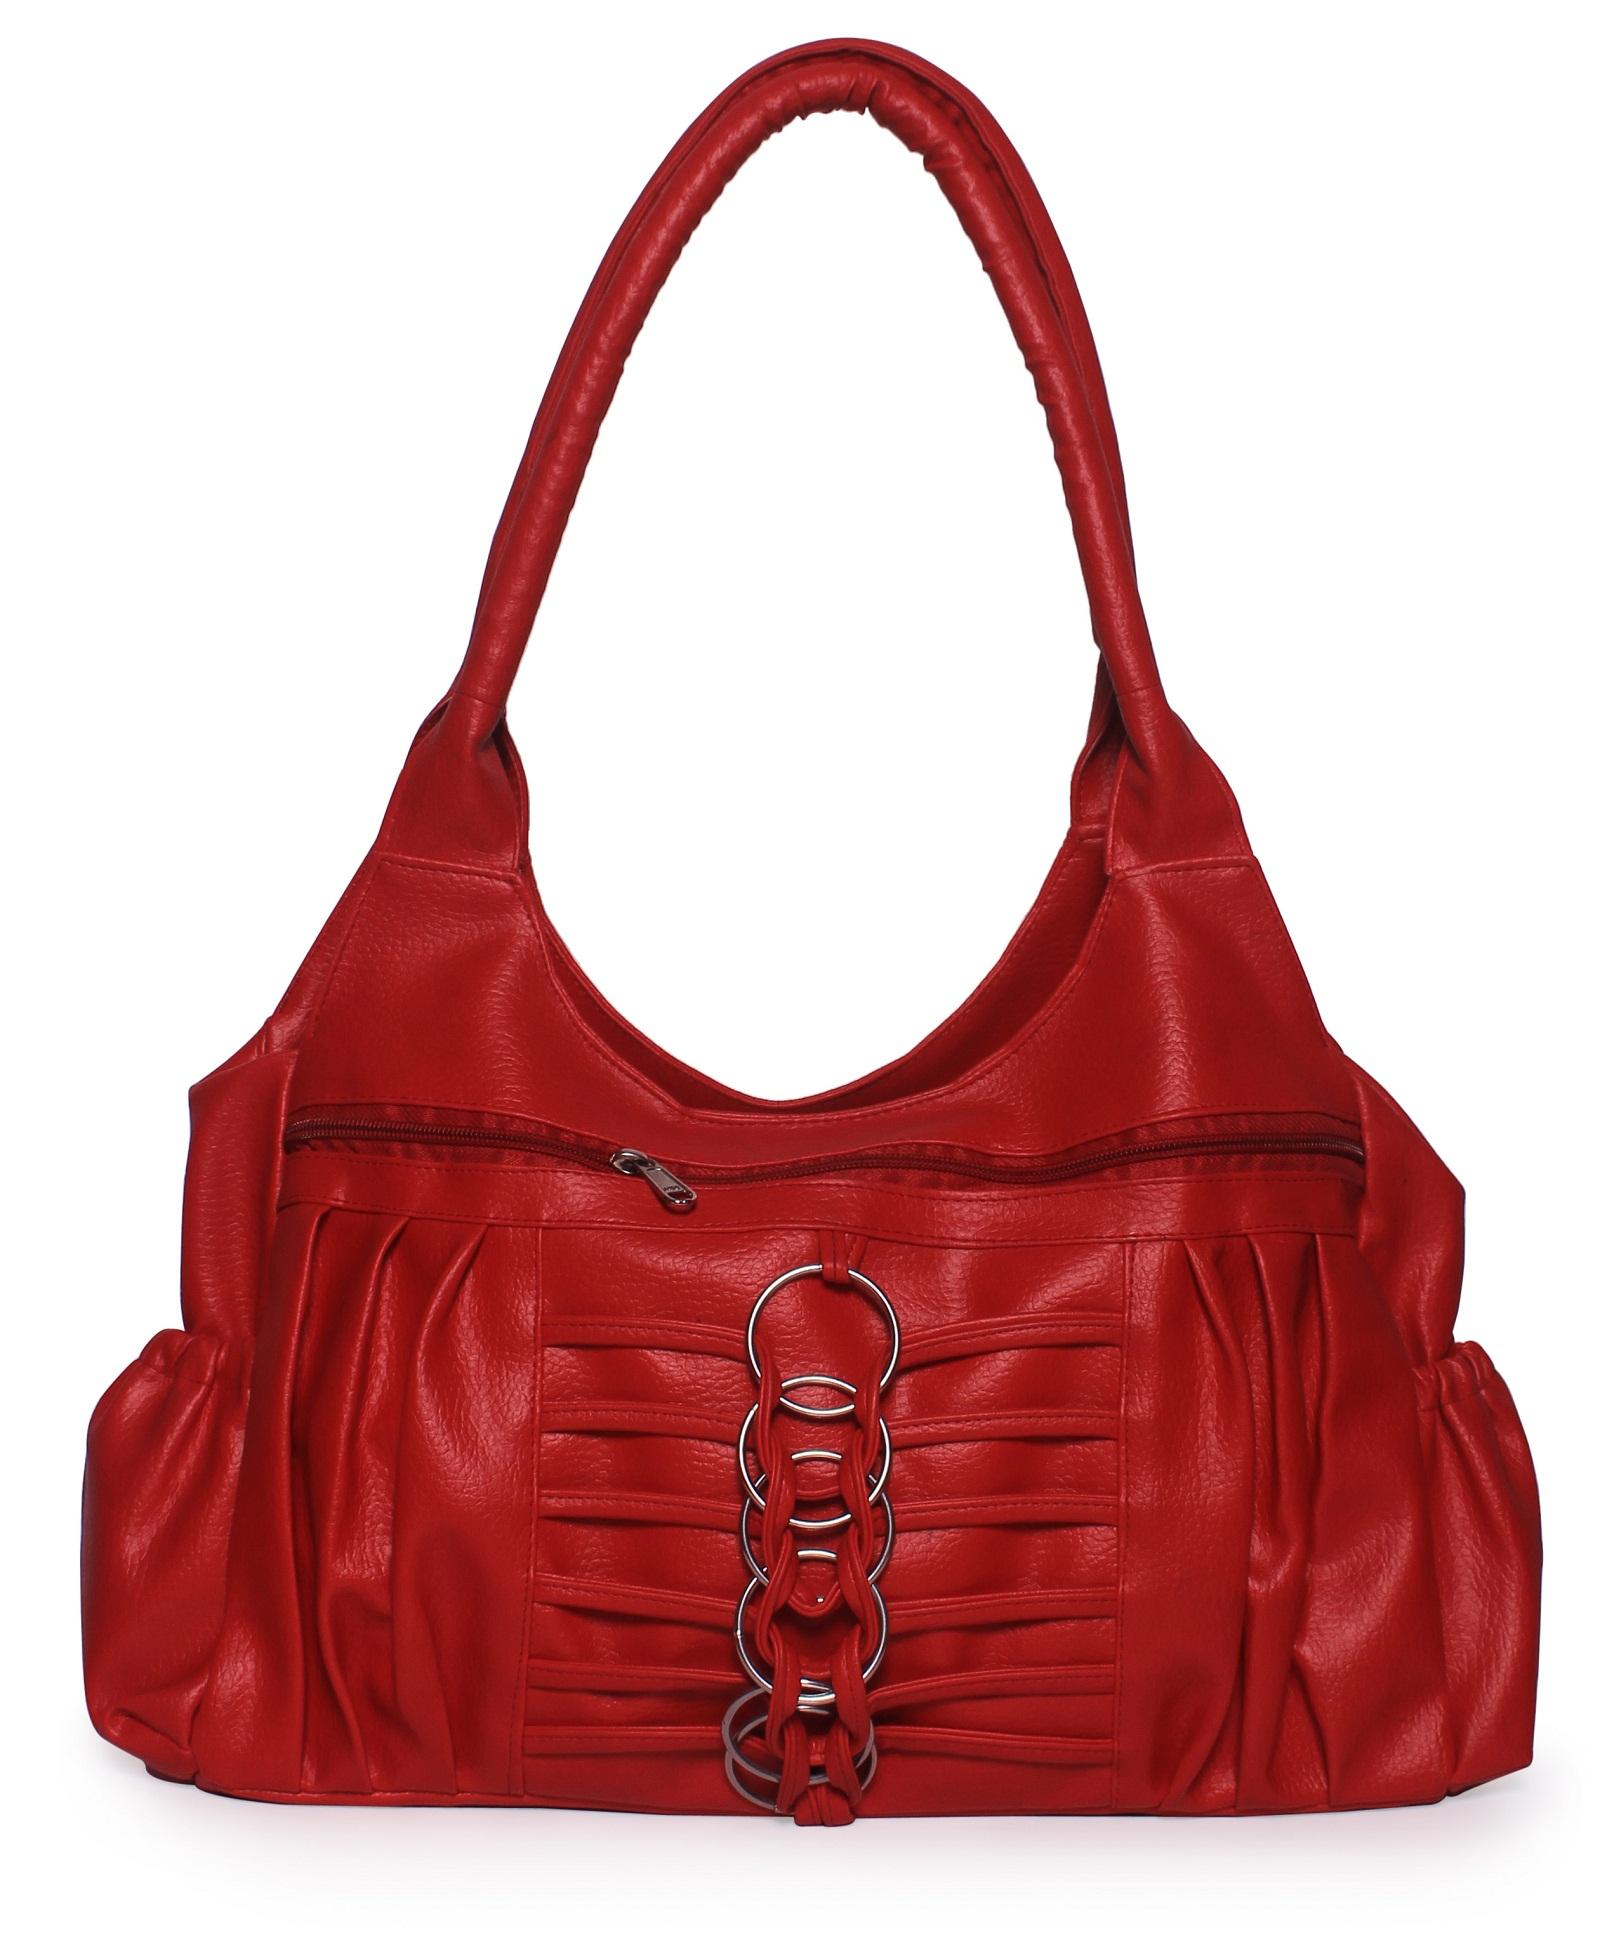 HnH Women Handbag Magnificent